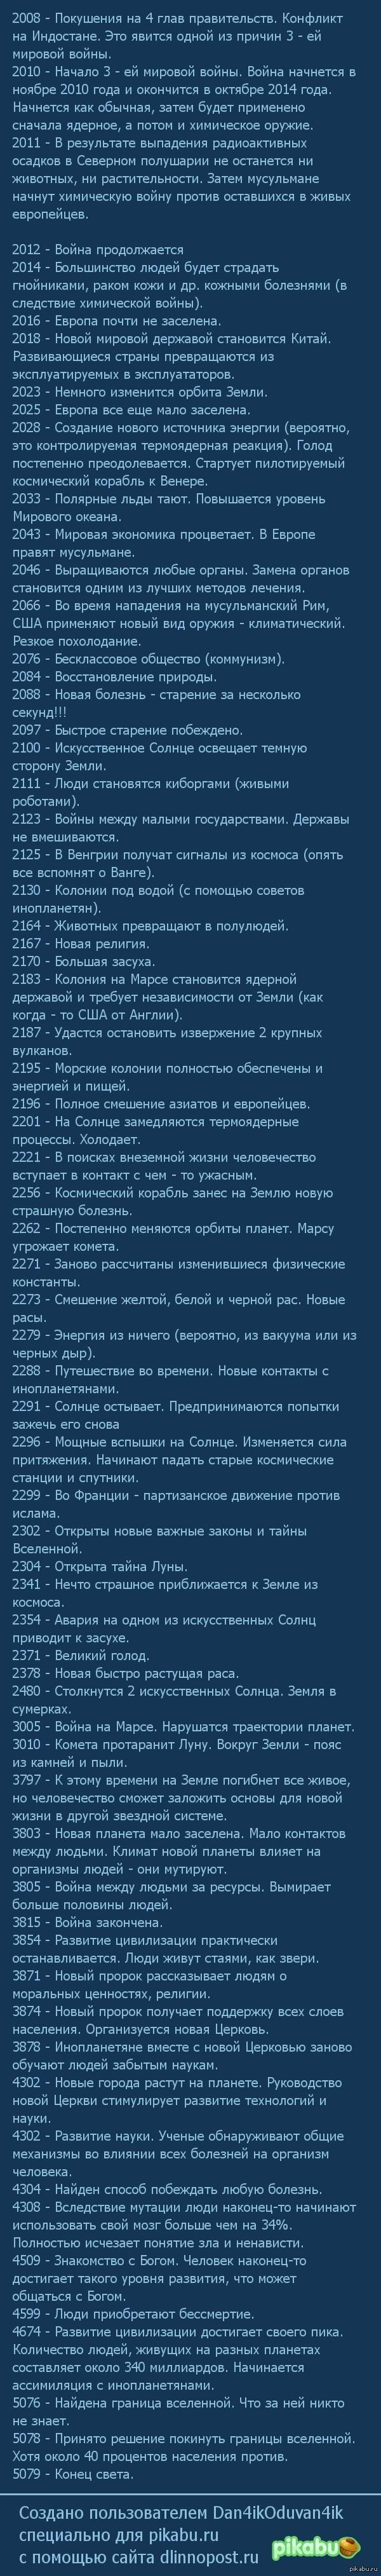 В связи с последними событиями в Европе. P.S обратите внимание на 2043 год, ссылка на источник в комментариях